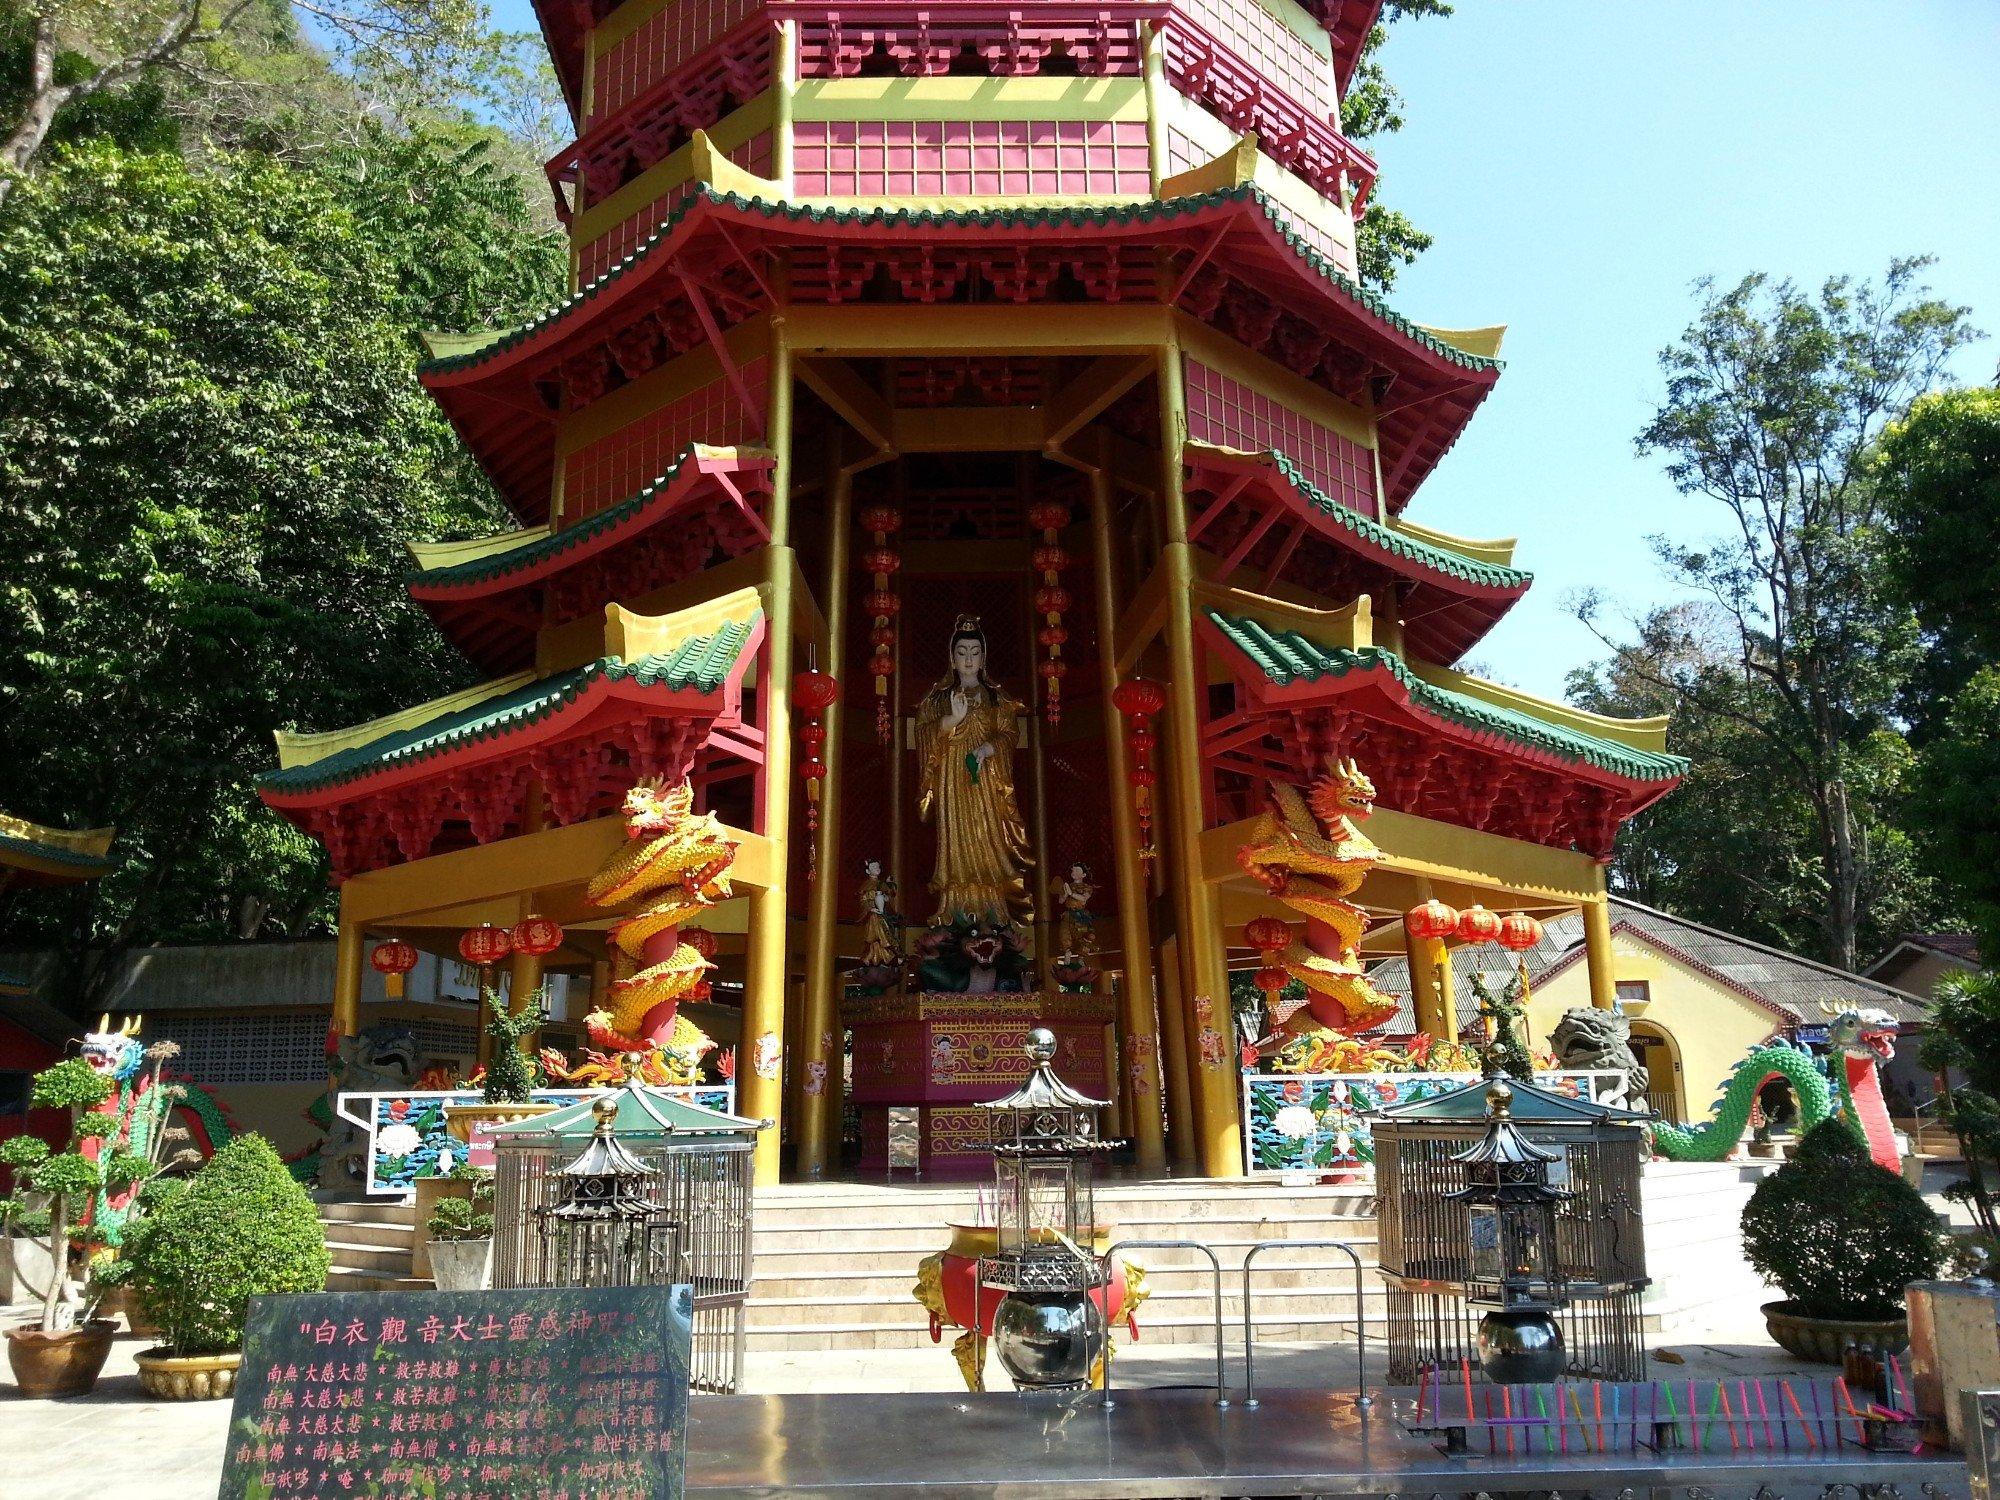 Guan Yin at Wat Tham Suea